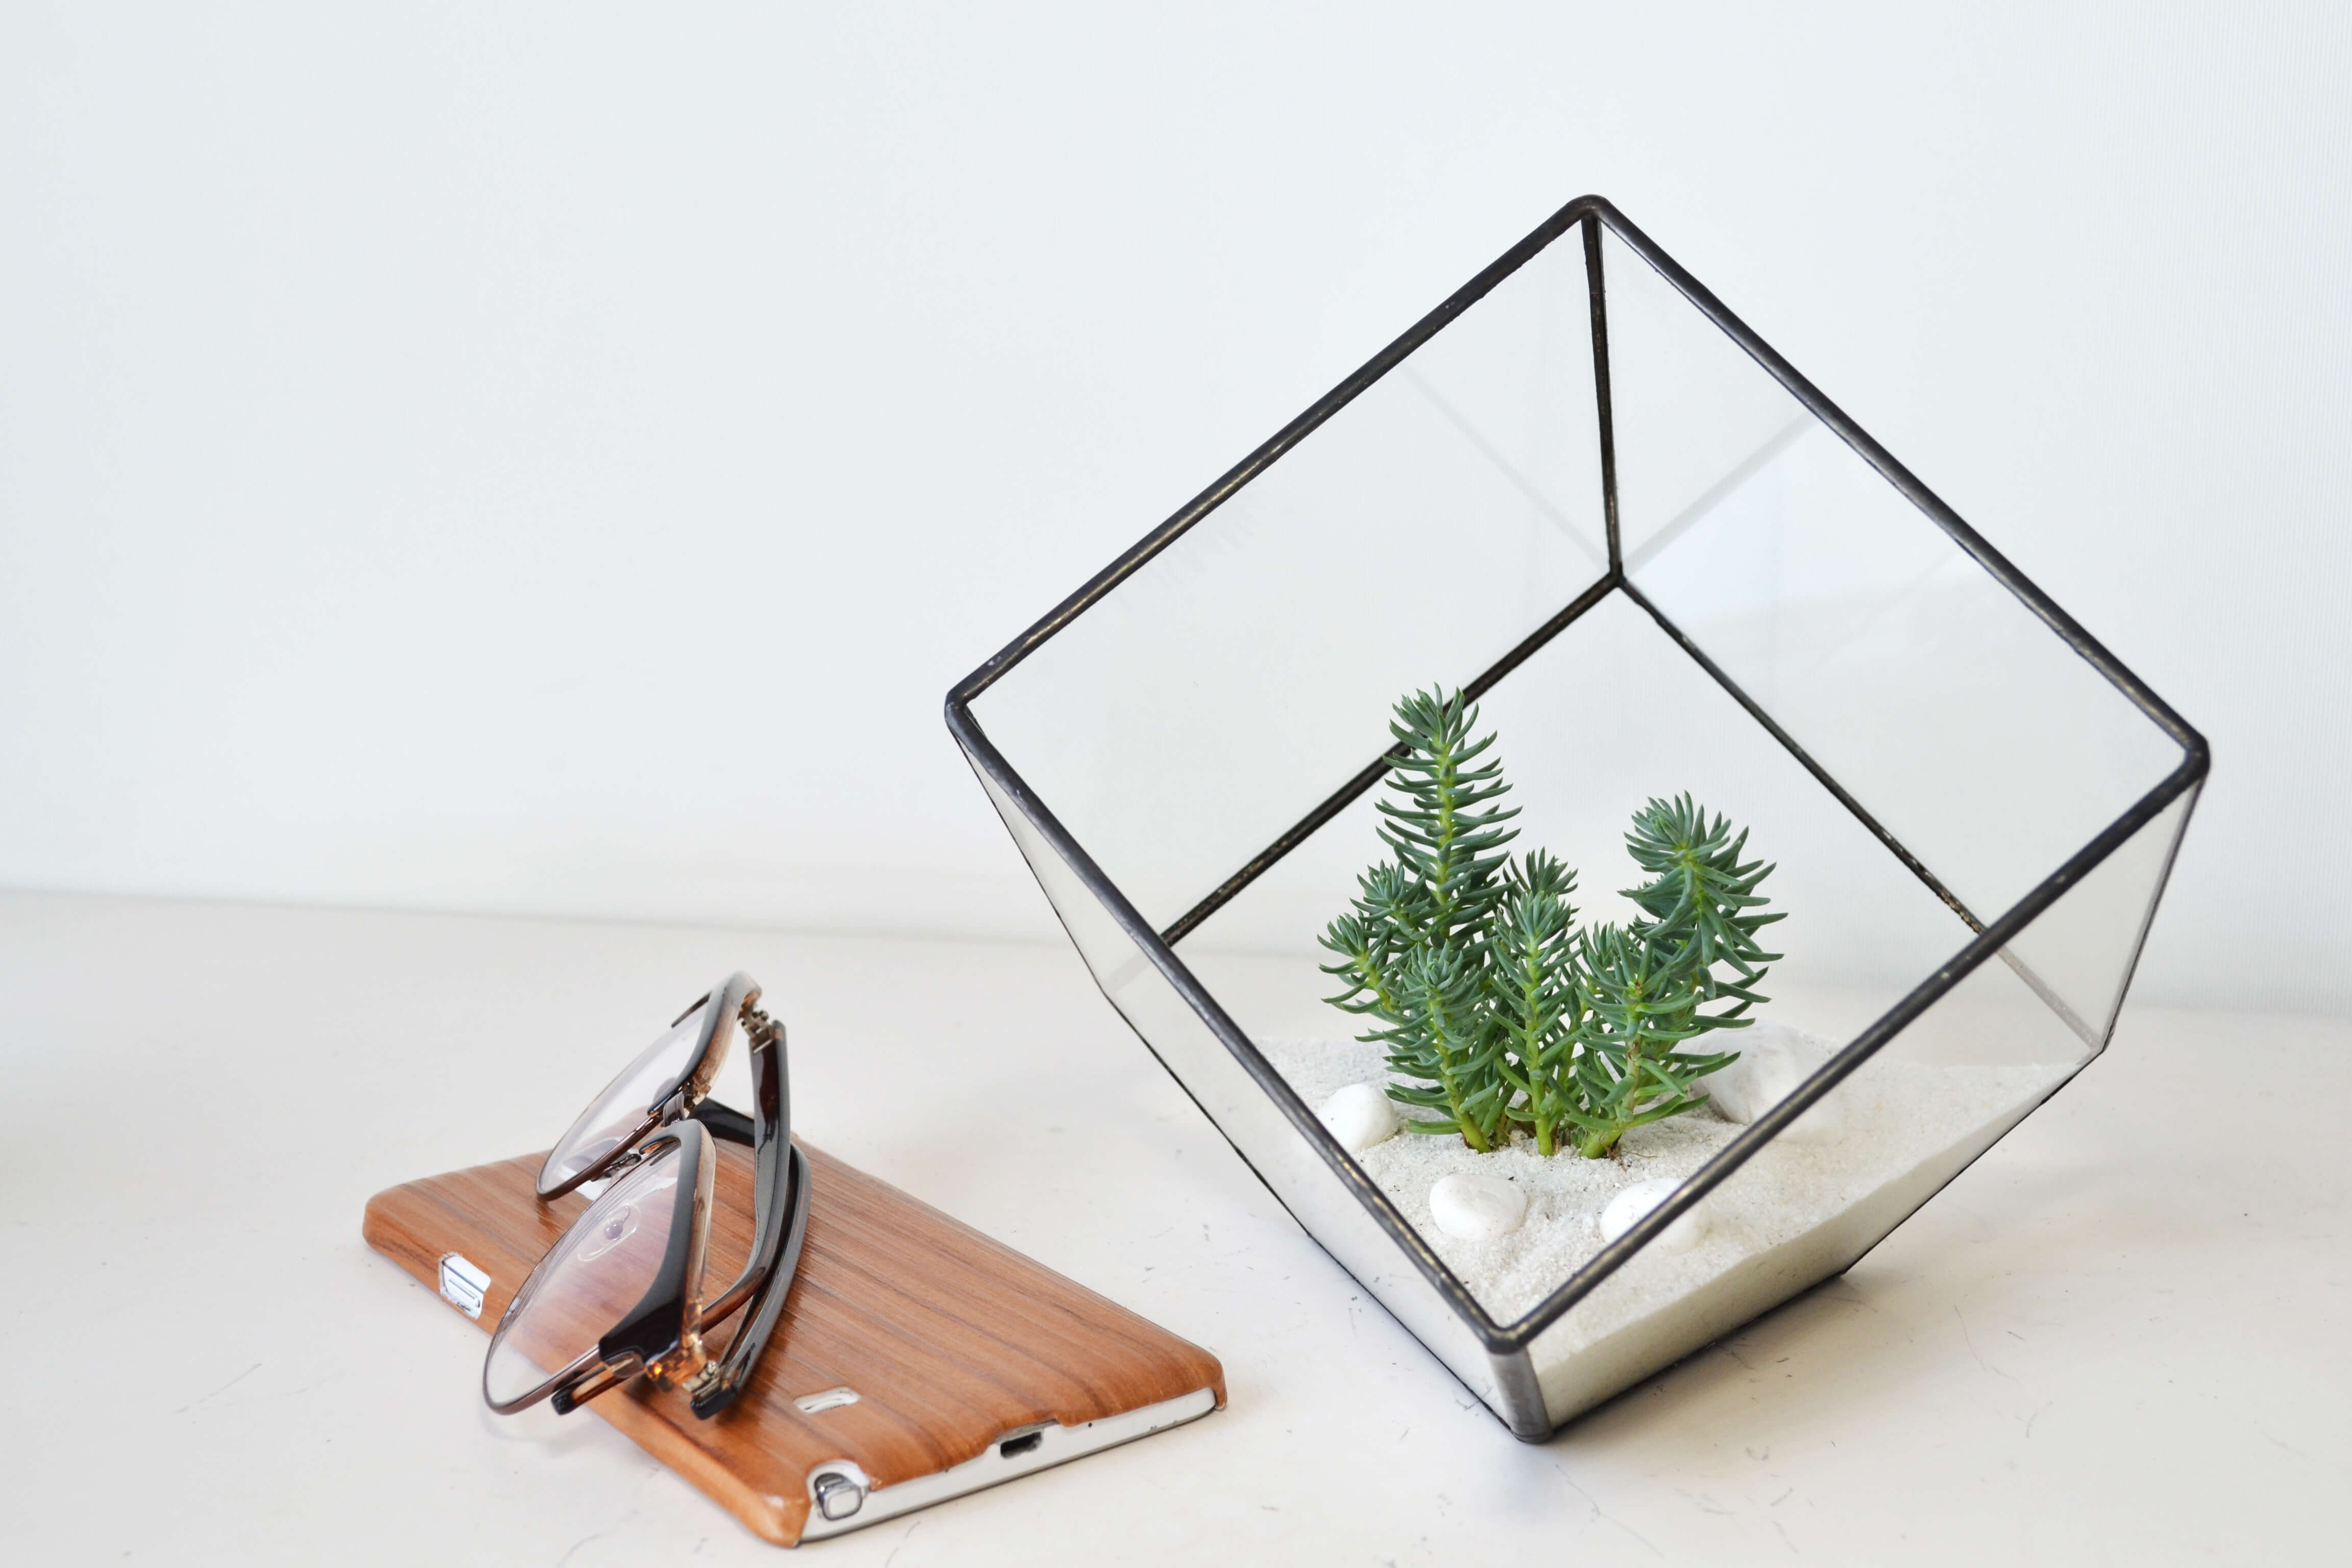 Cube Small (Minimalist)